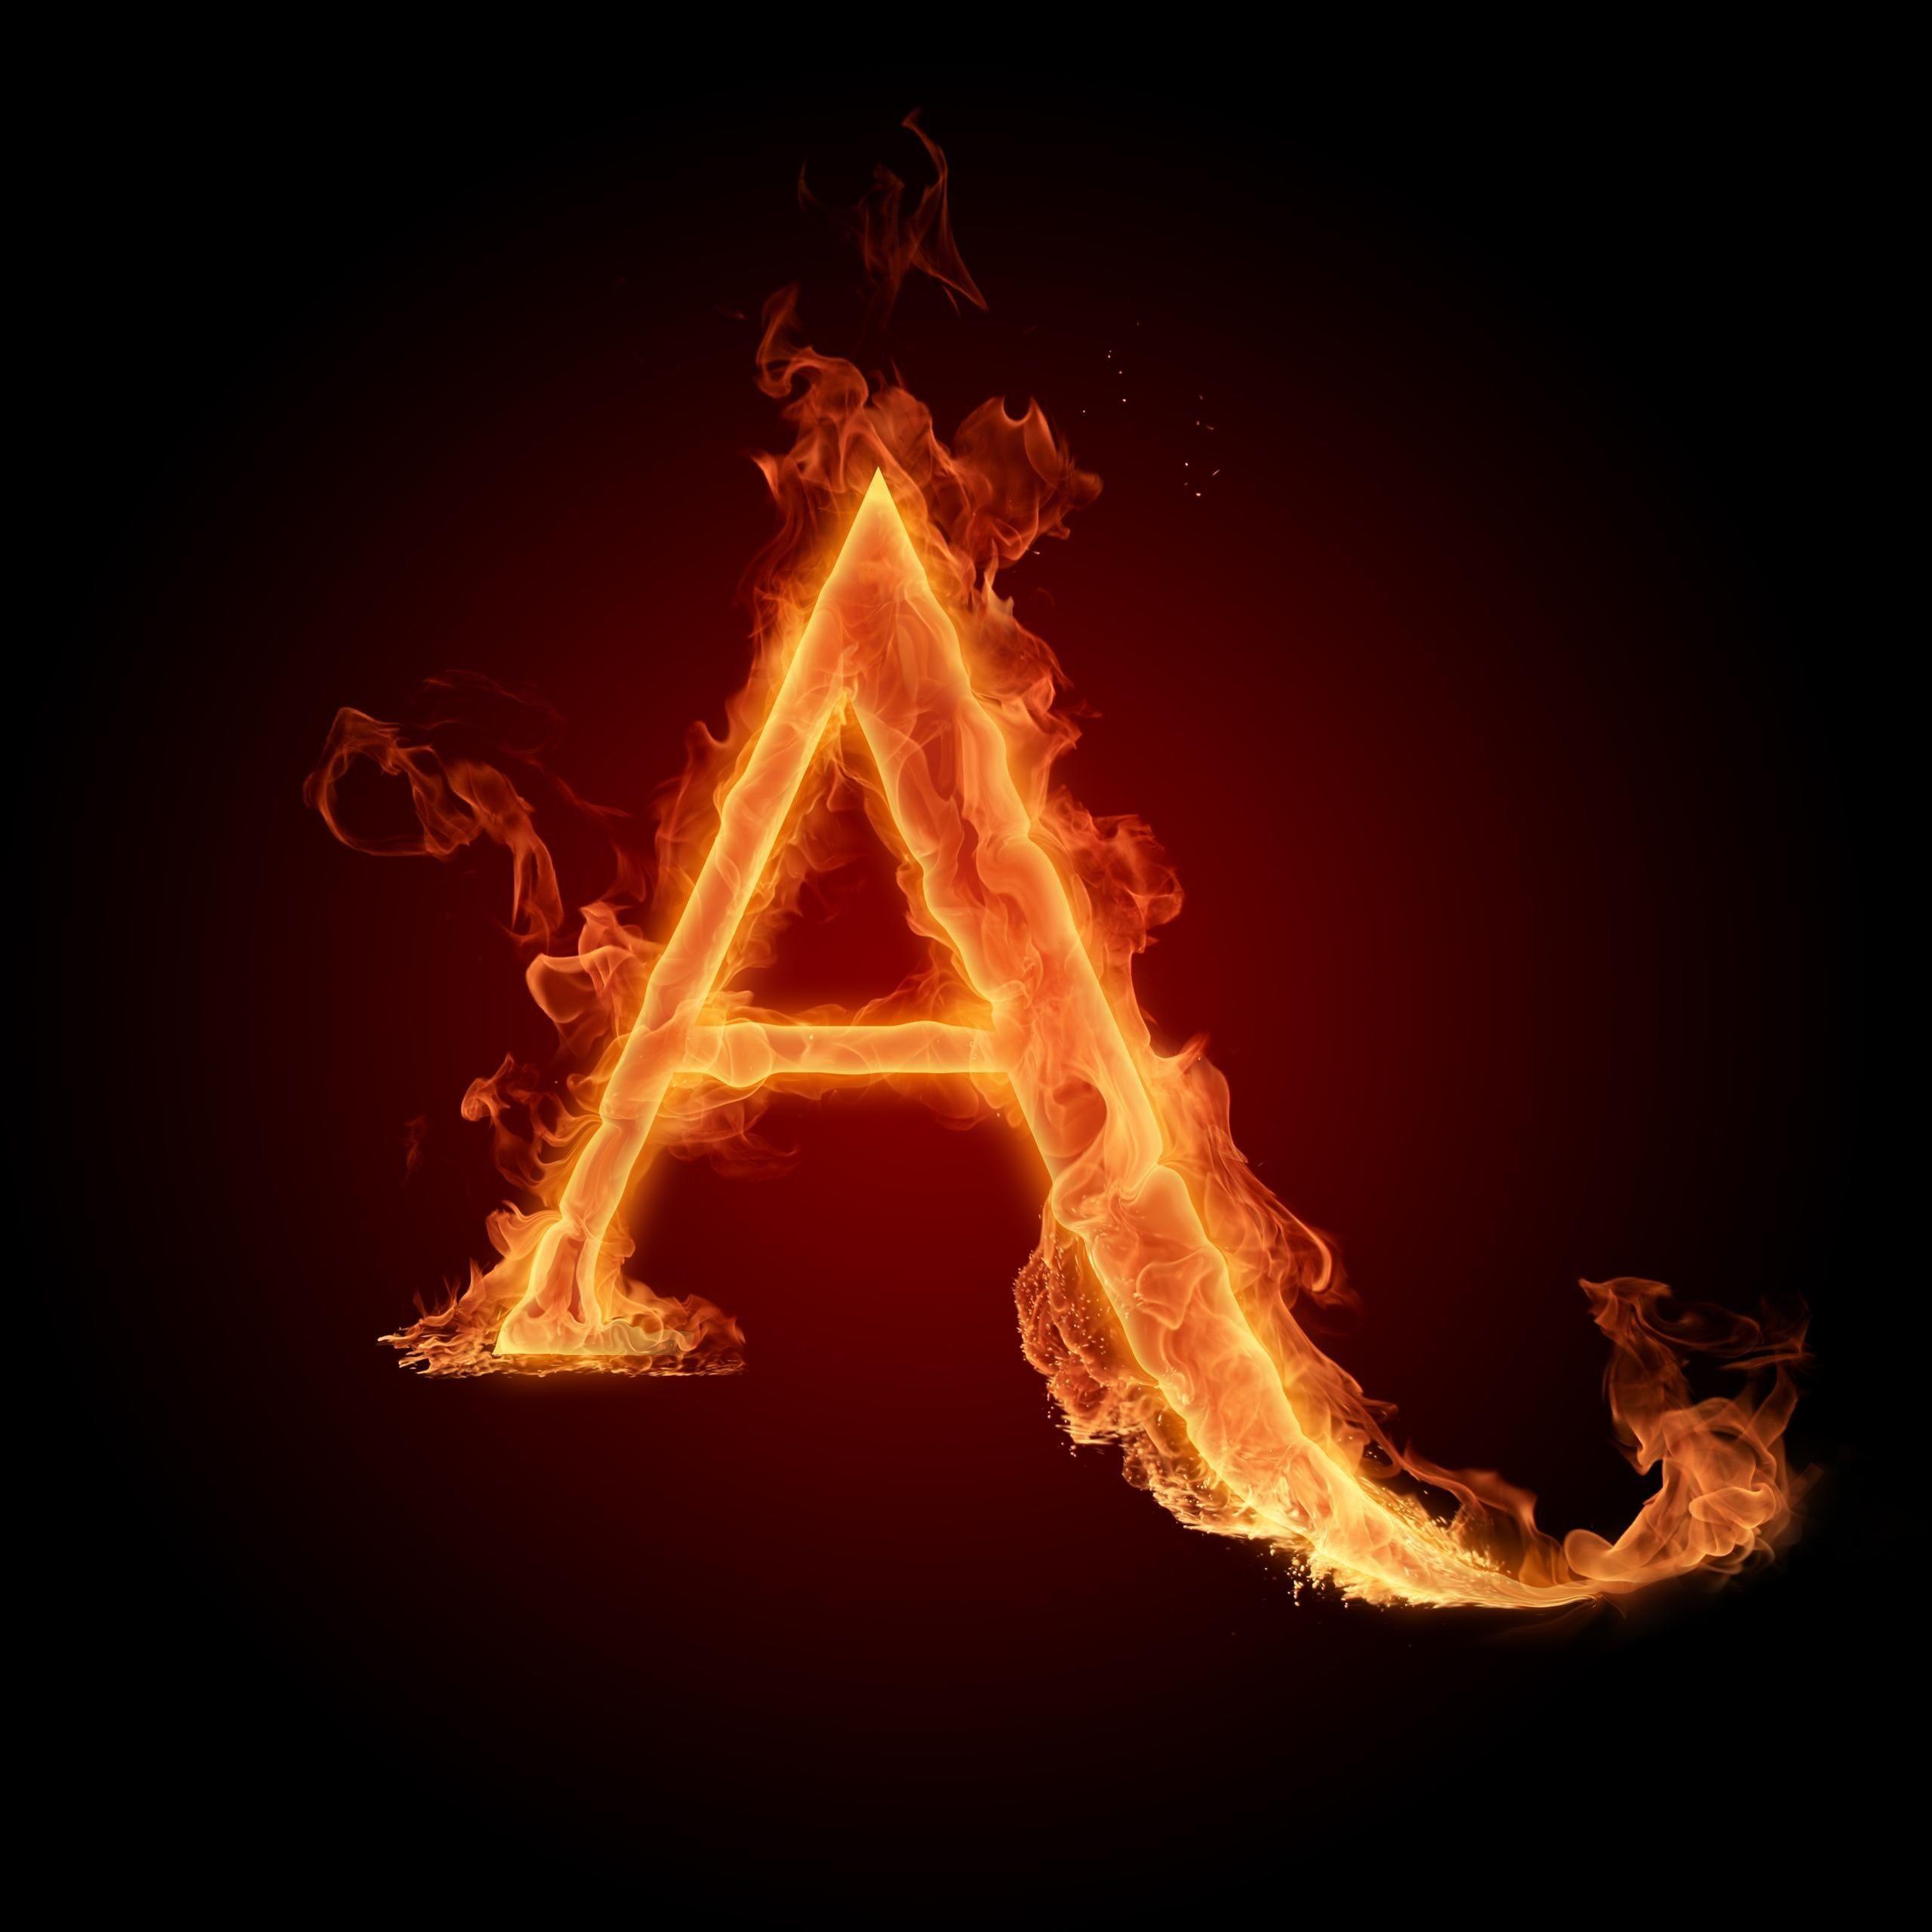 A In Fire Alphabet Wallpaper Alphabet Photos A Letter Wallpaper